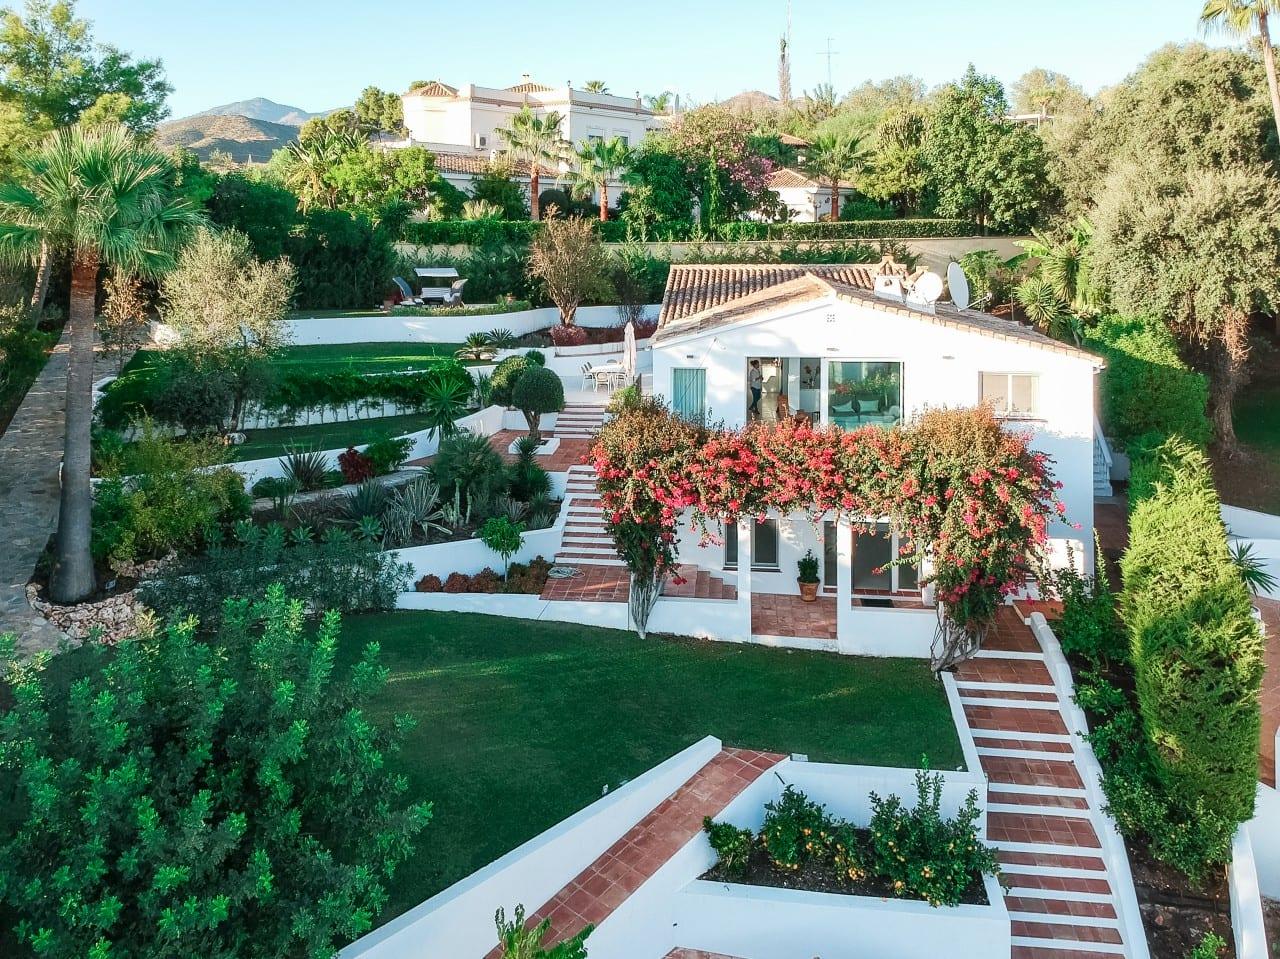 Encantadora villa renovada en El Rosario, Marbella